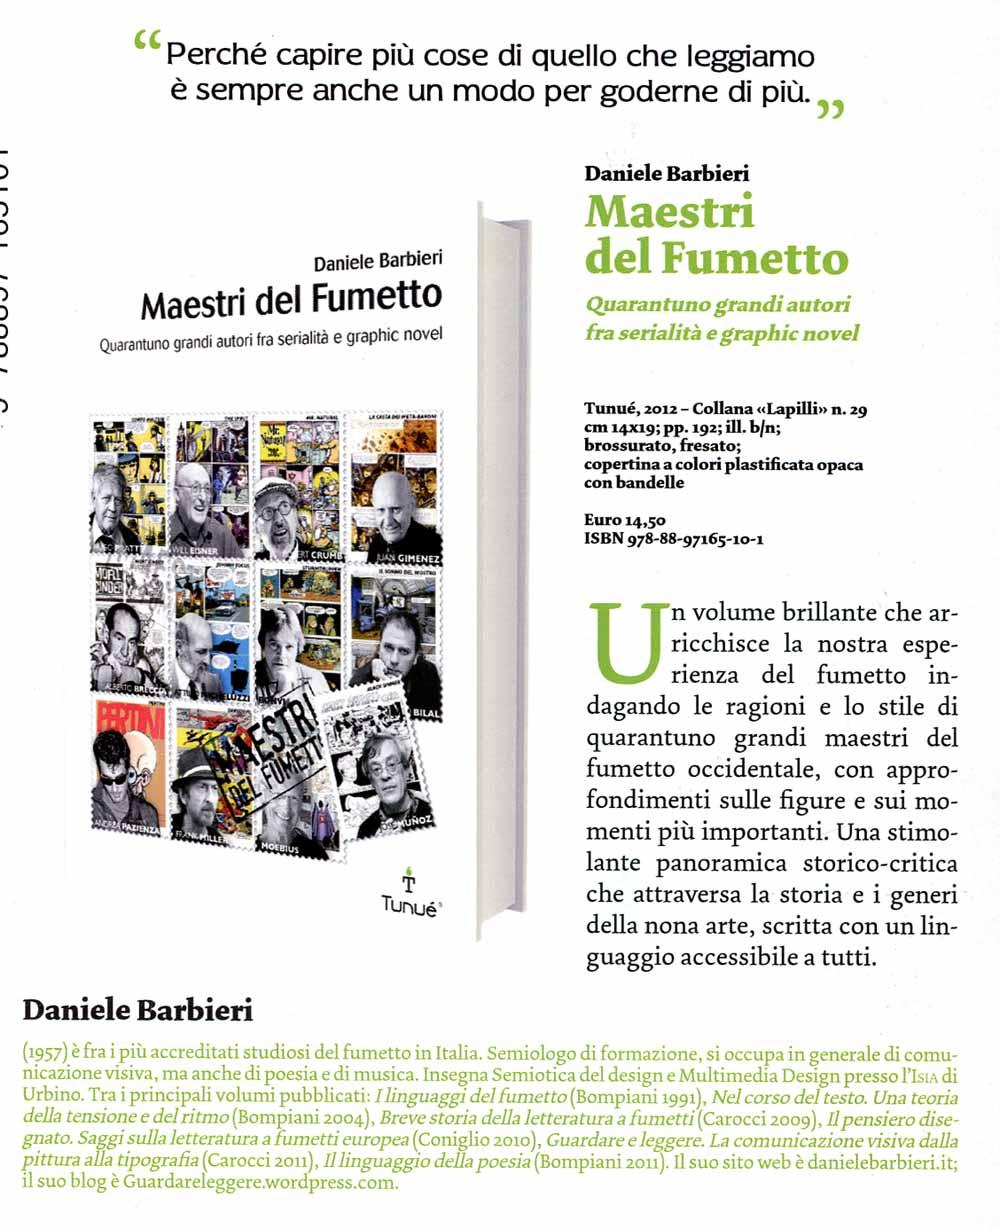 Maestri del fumetto, Dal catalogo anteprime Tunuè